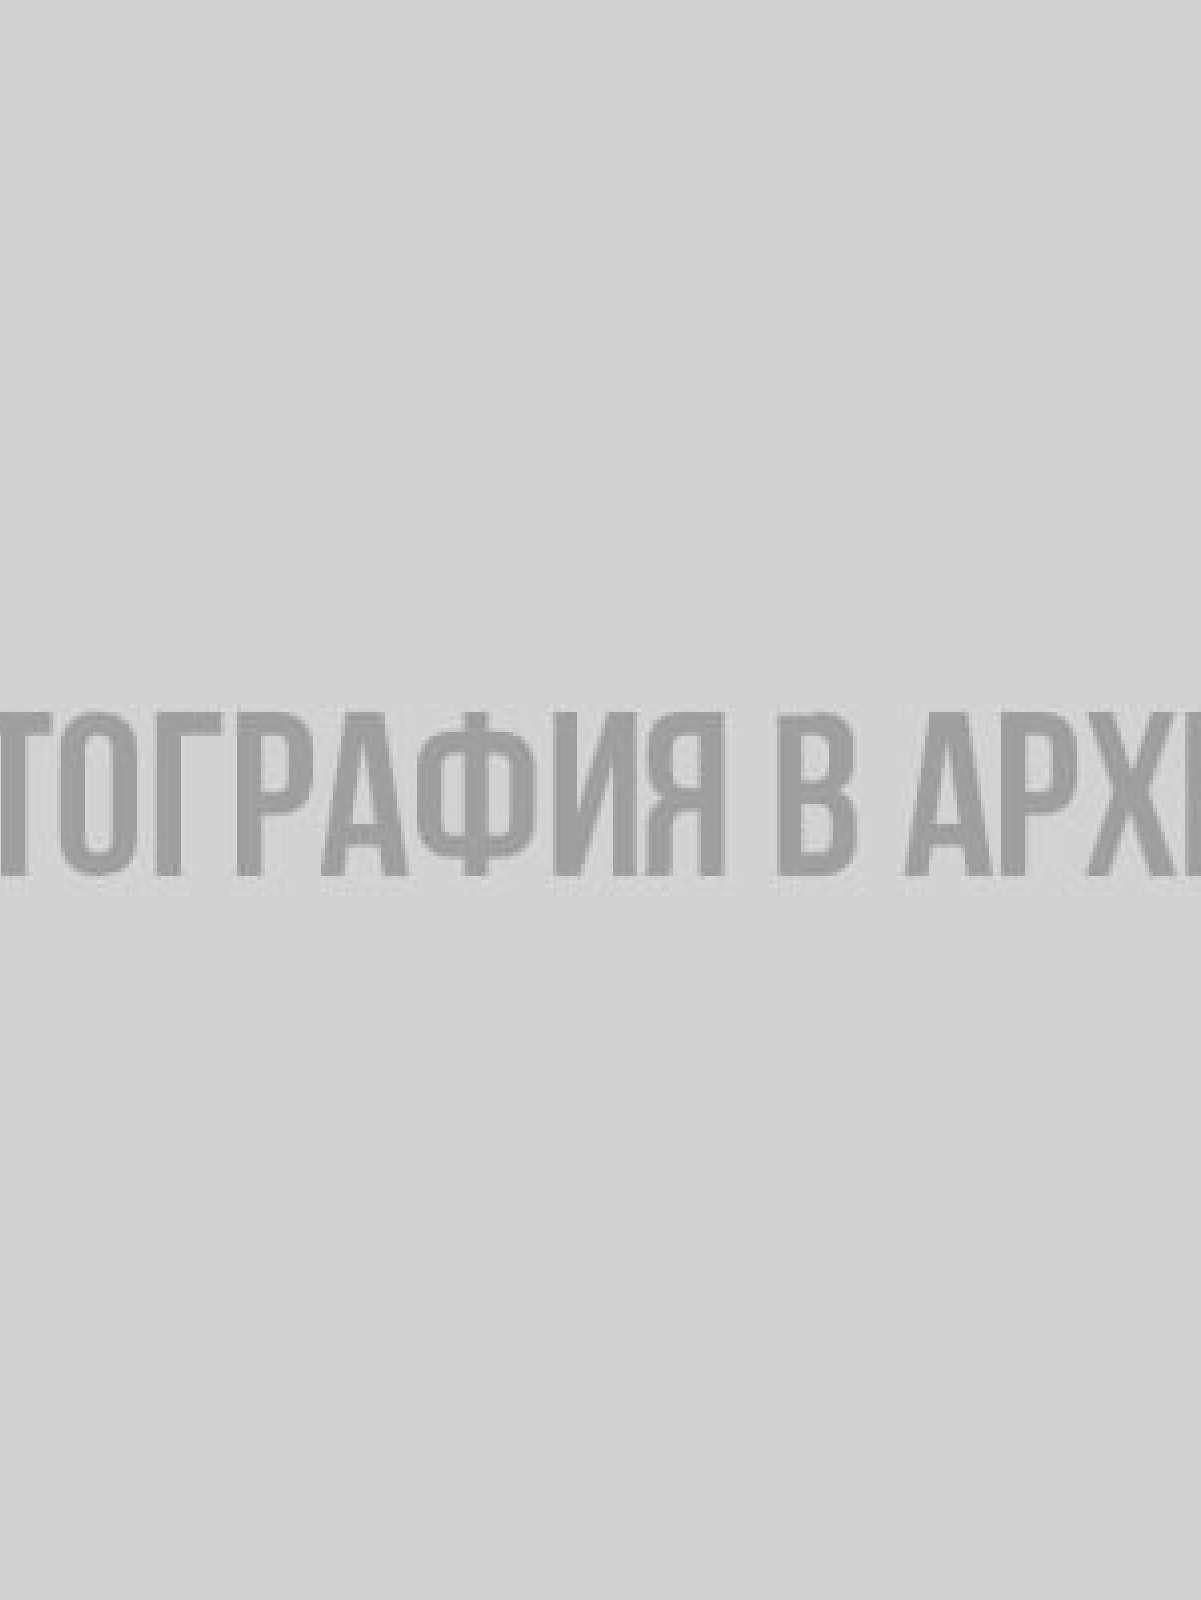 В «Магните» на Ижорской обвалился потолок - фото Россияне, Россия, происшествие, Магазины в Санкт-Петербурге, Магазины в России, Магазины «Магнит», магазины